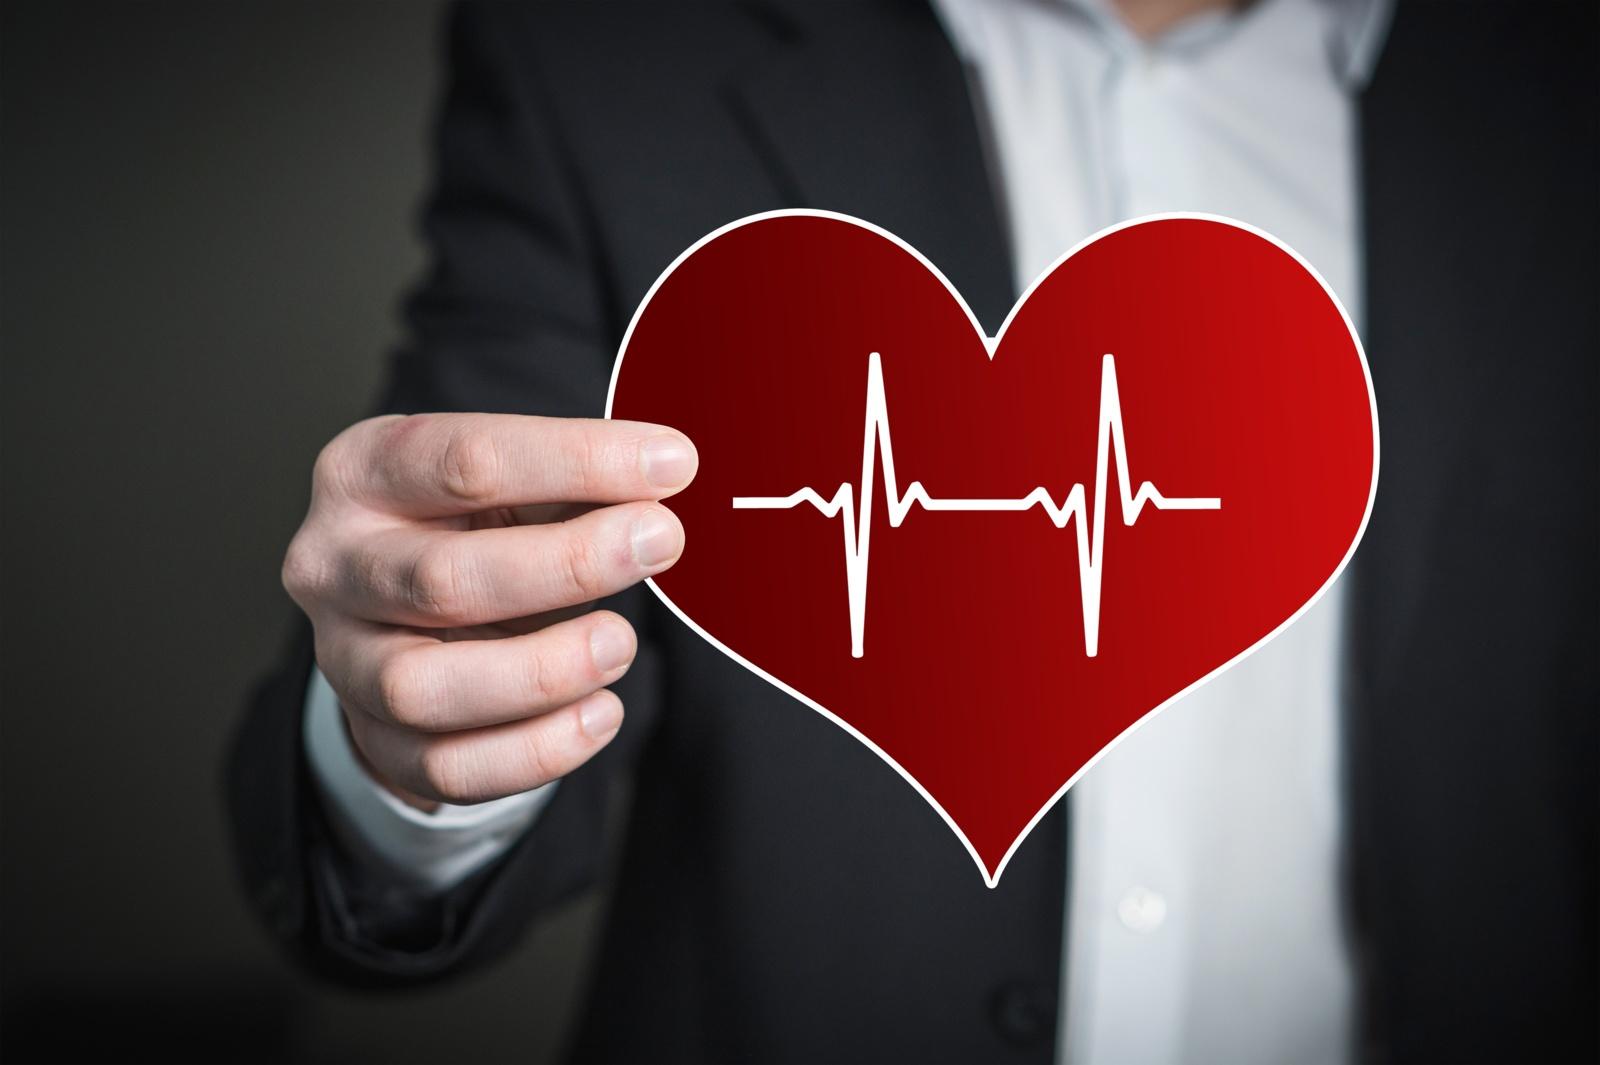 dieta hipertenzijai kartu su cukriniu diabetu sergant hipertenzija, galima gerti erškėtuoges